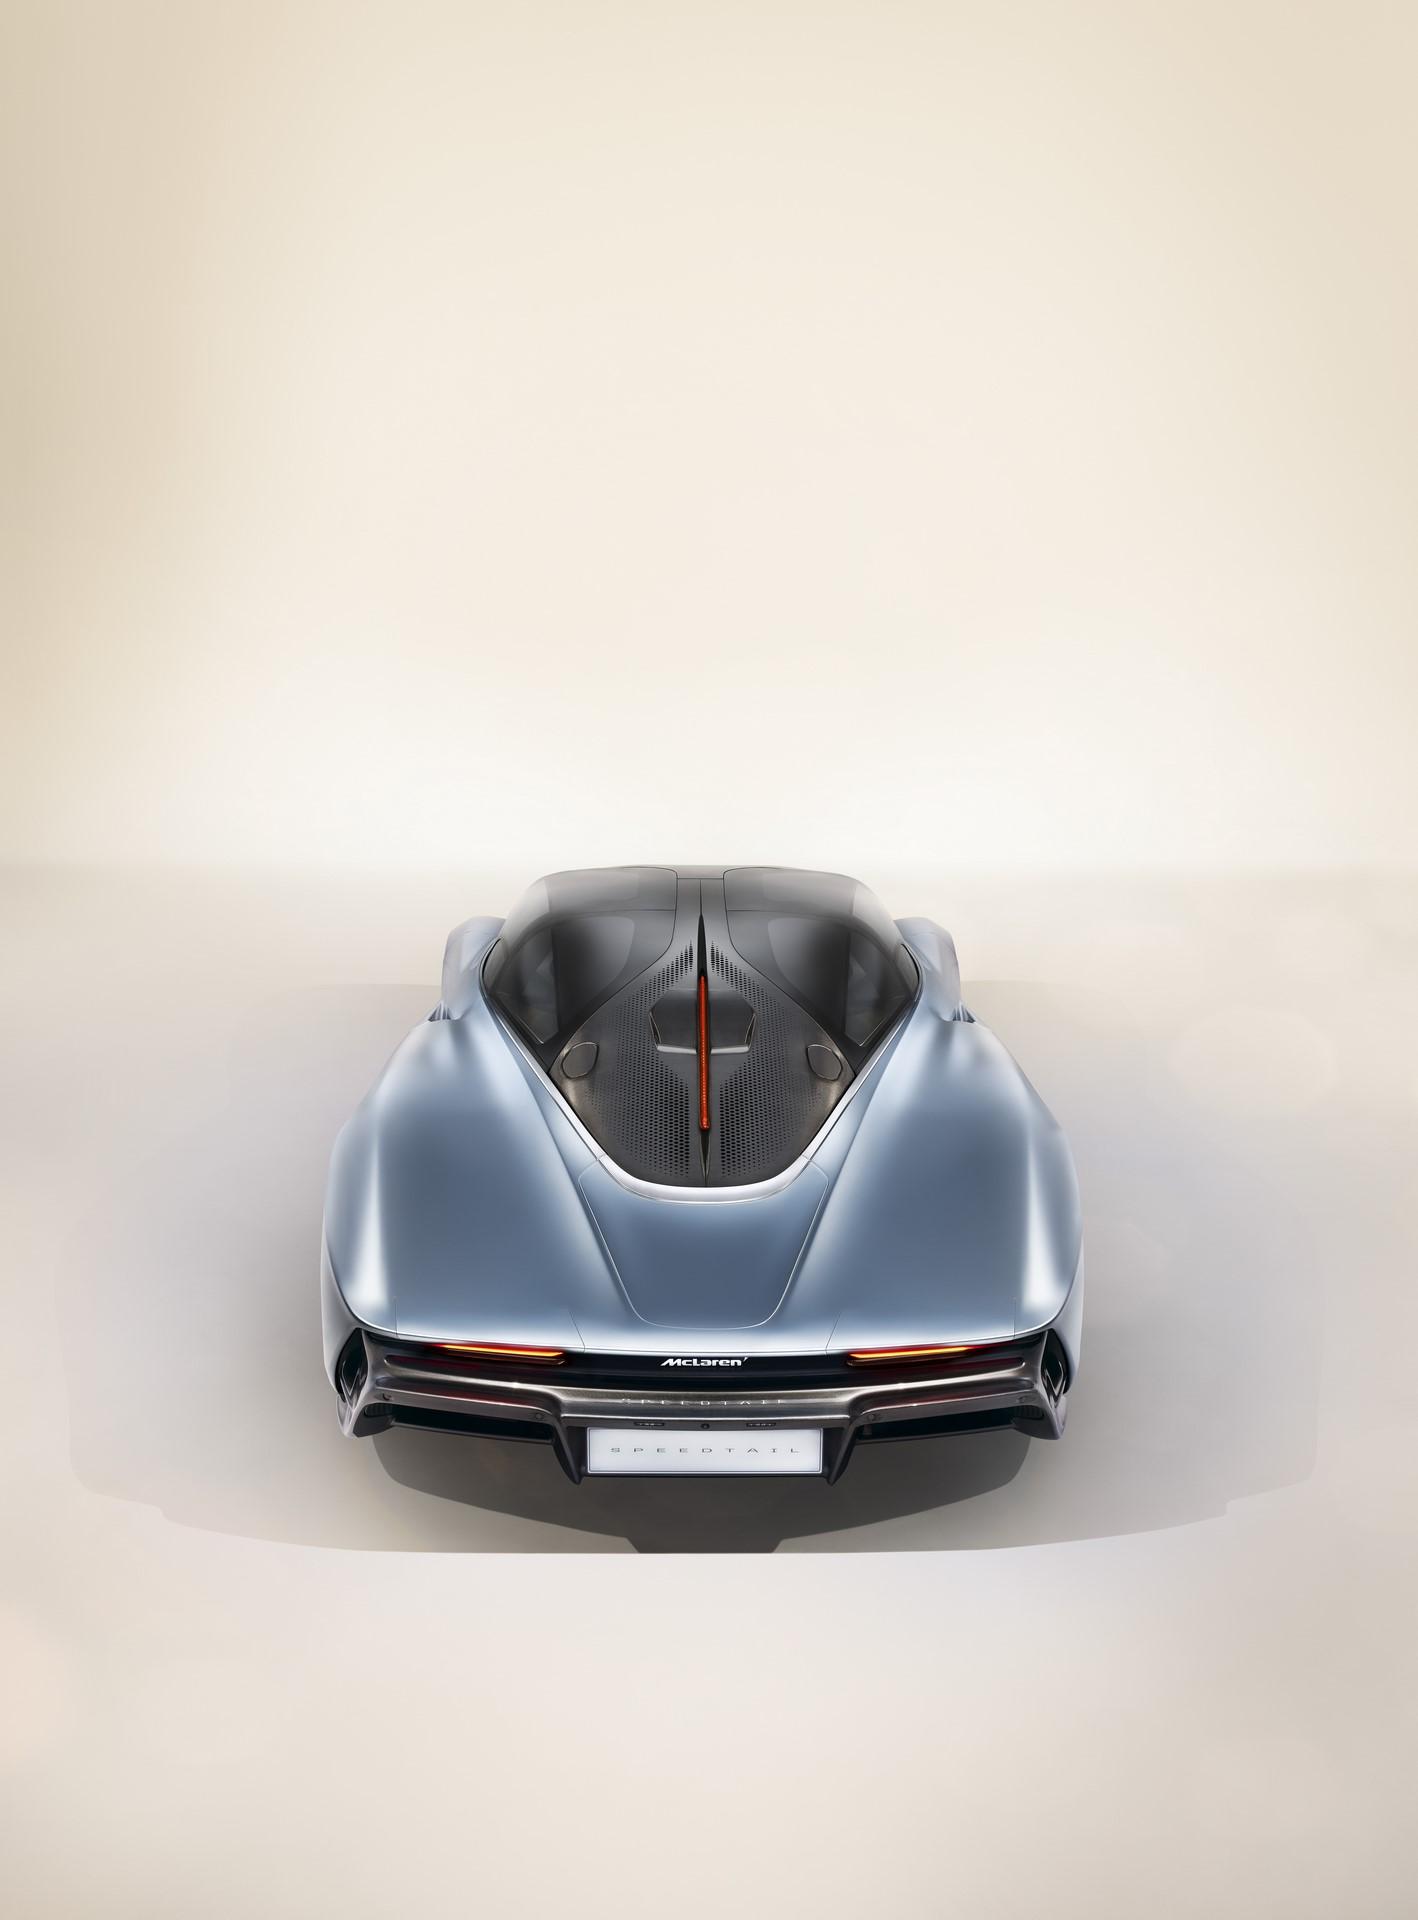 McLaren Speedtail-03 P